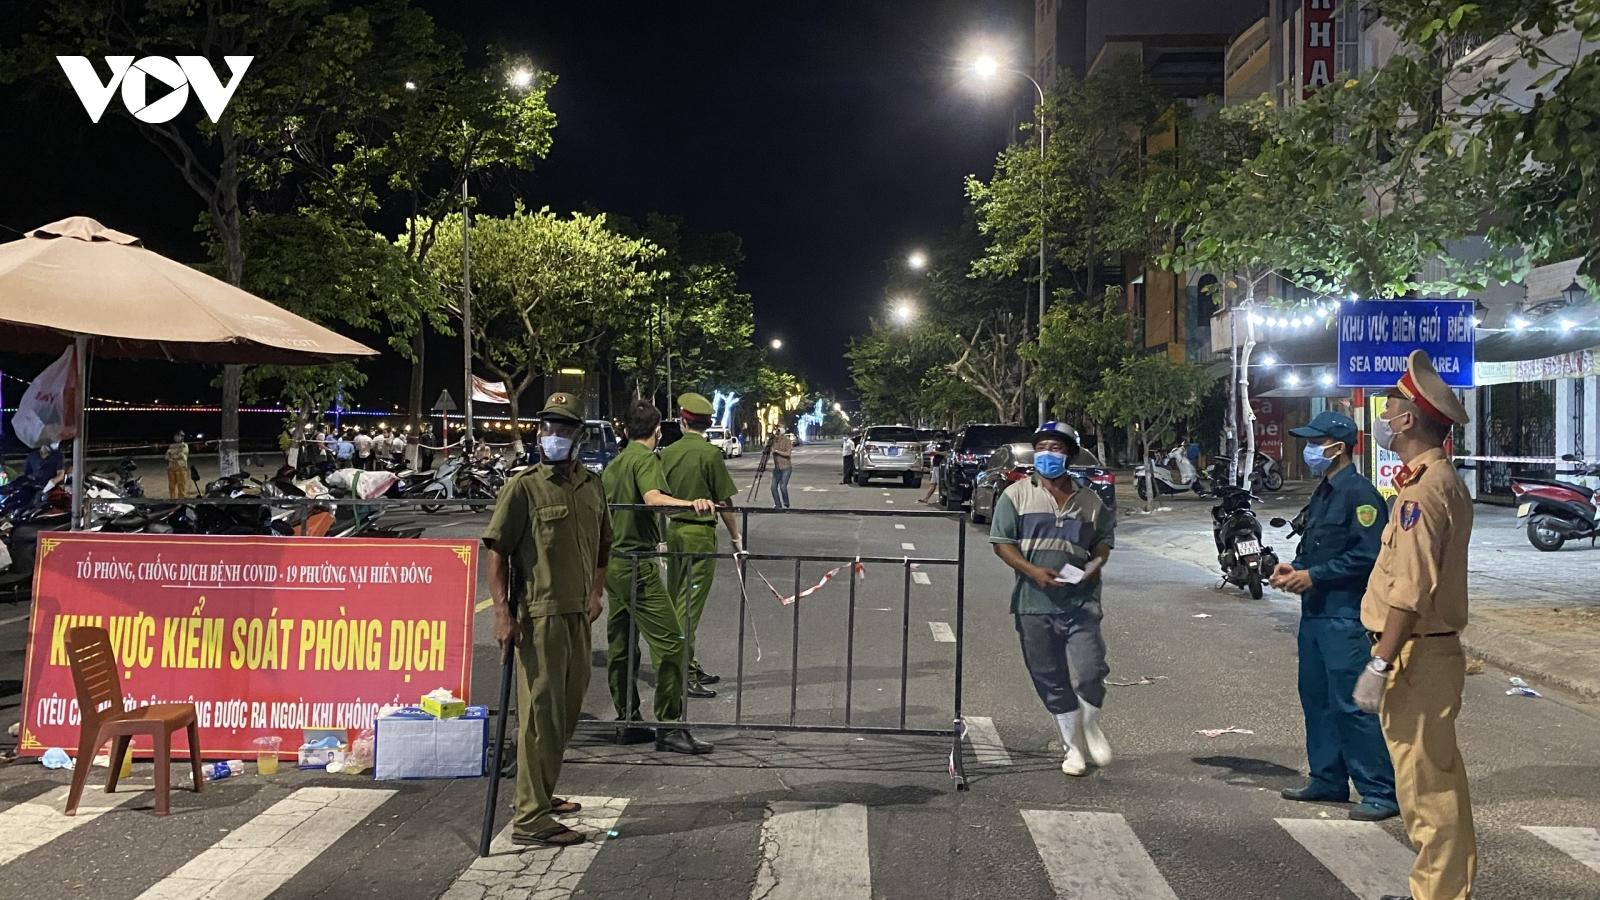 Nhiều vướng mắc khi thực hiện giãn cách xã hội mạnh hơn ở Đã Nẵng